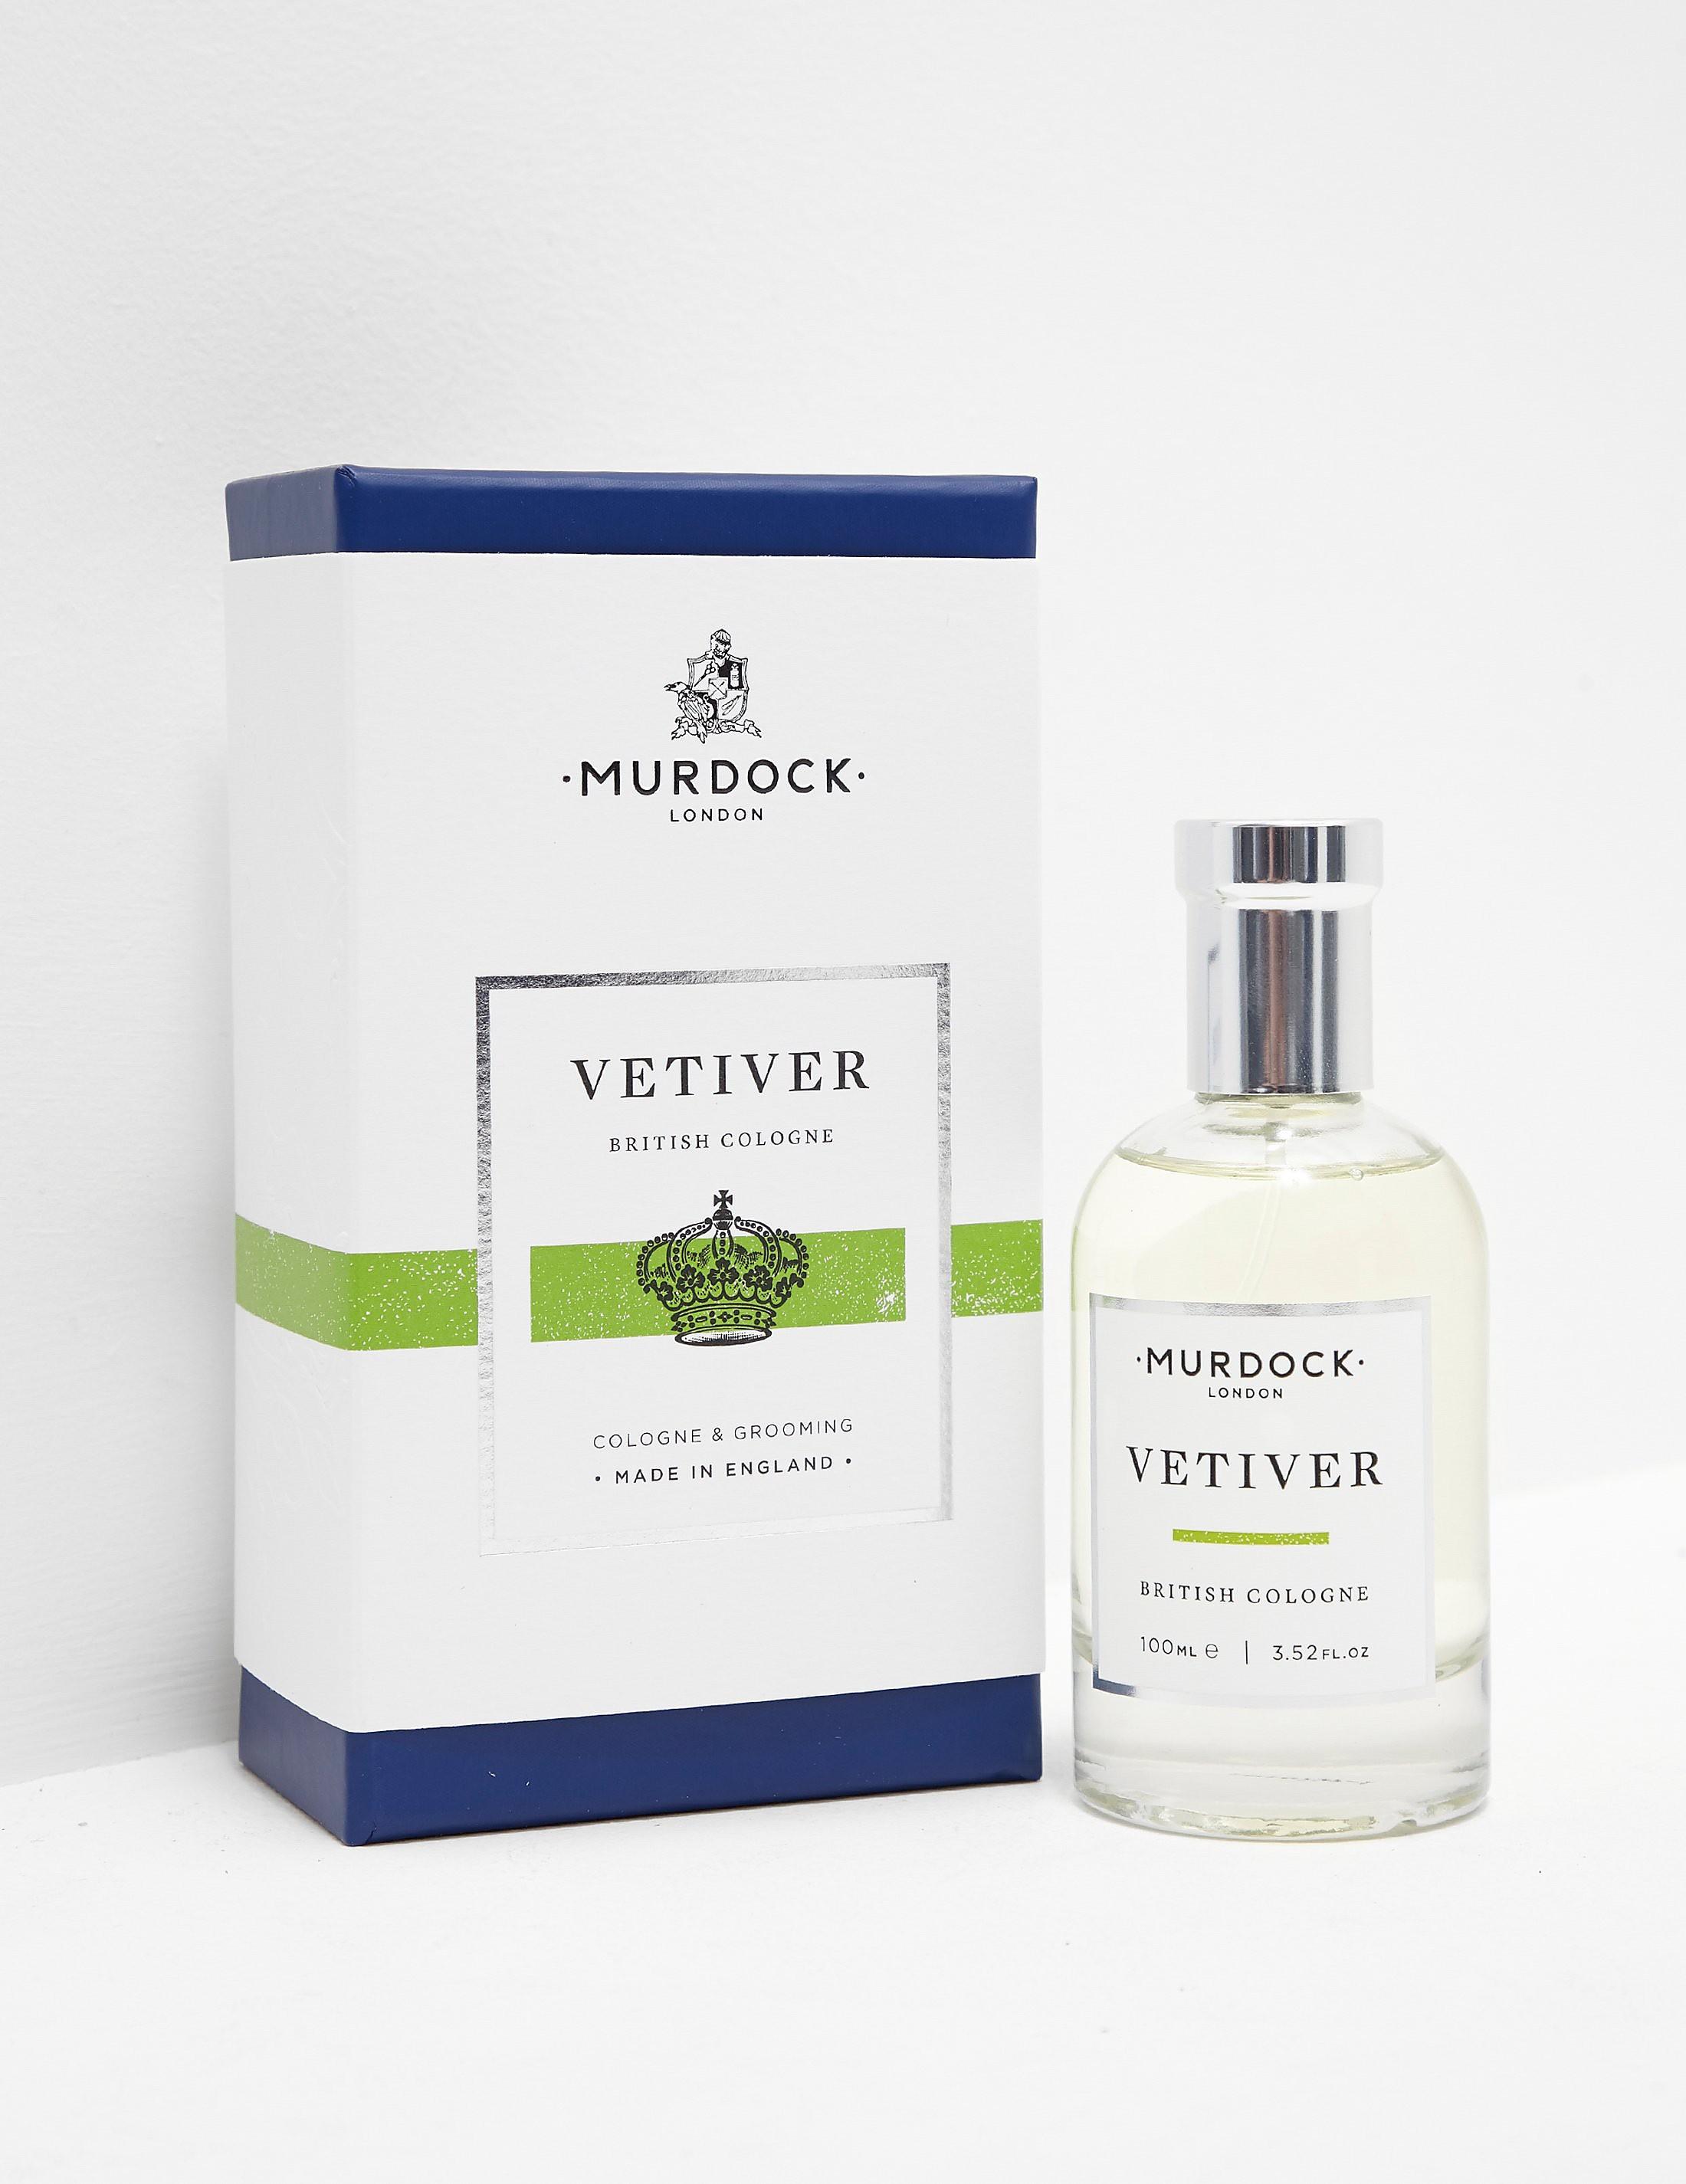 Murdock London Vetiver Fragrance